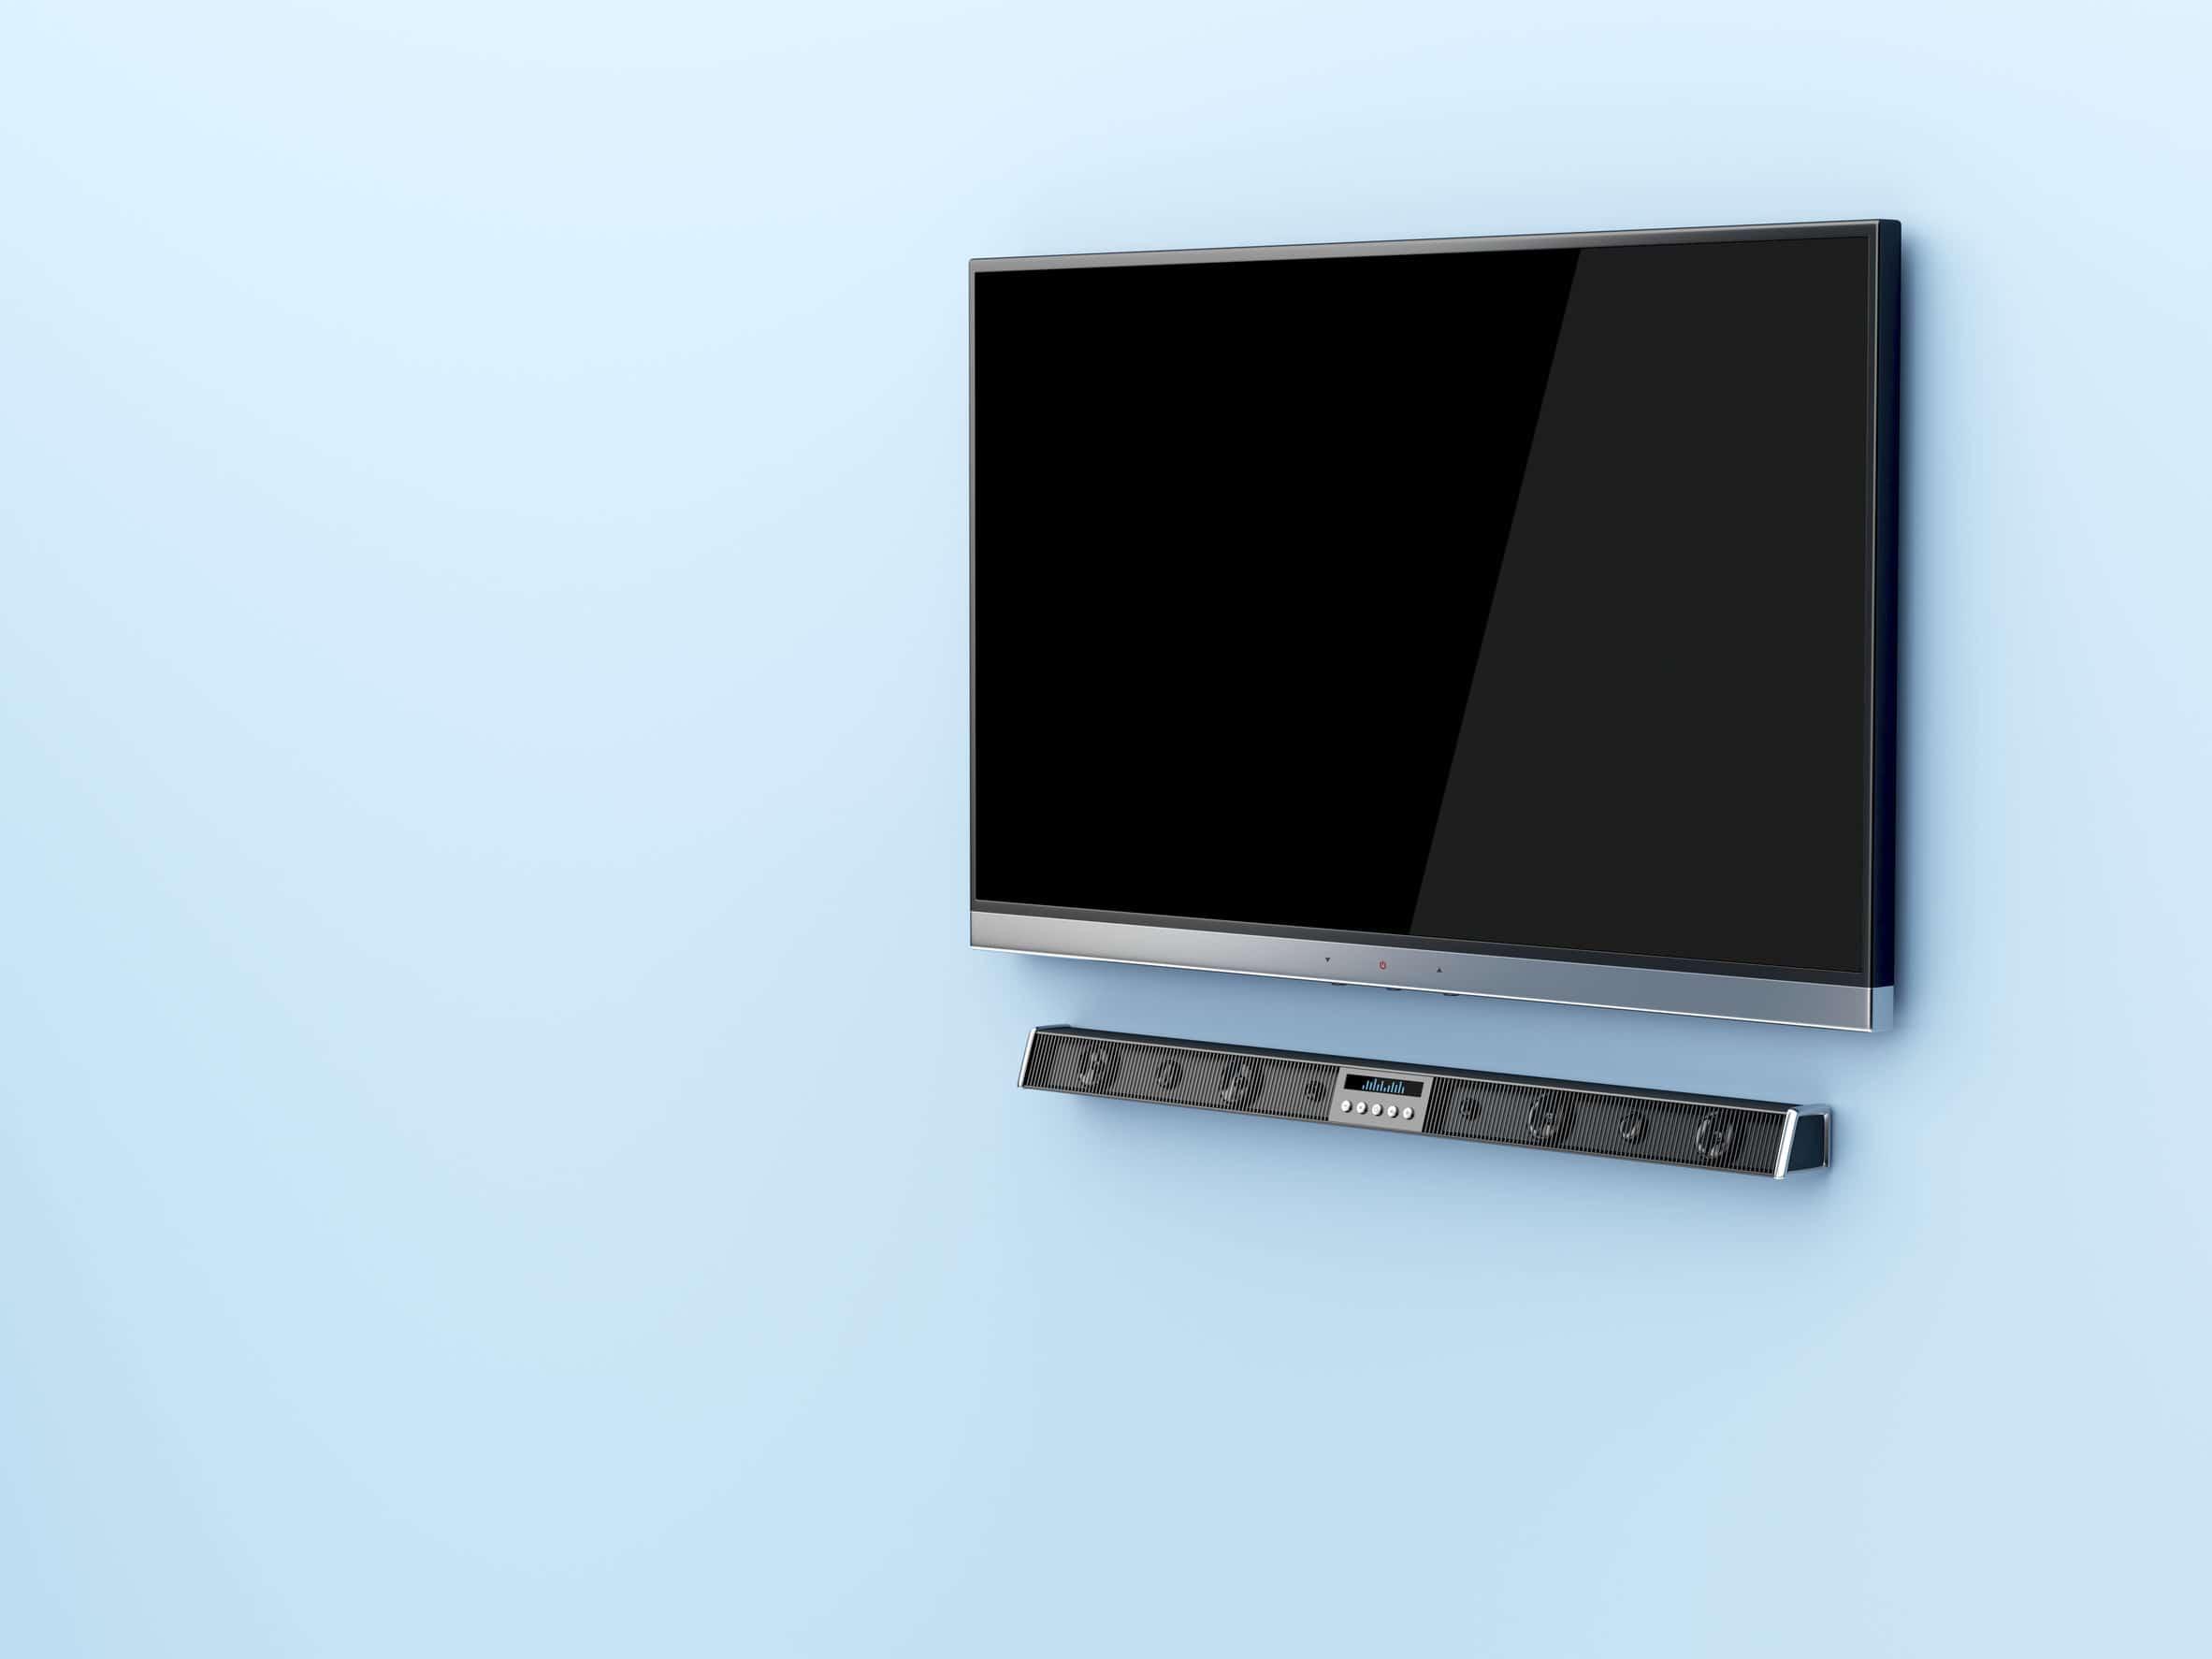 Imagem de TV com soundbar.